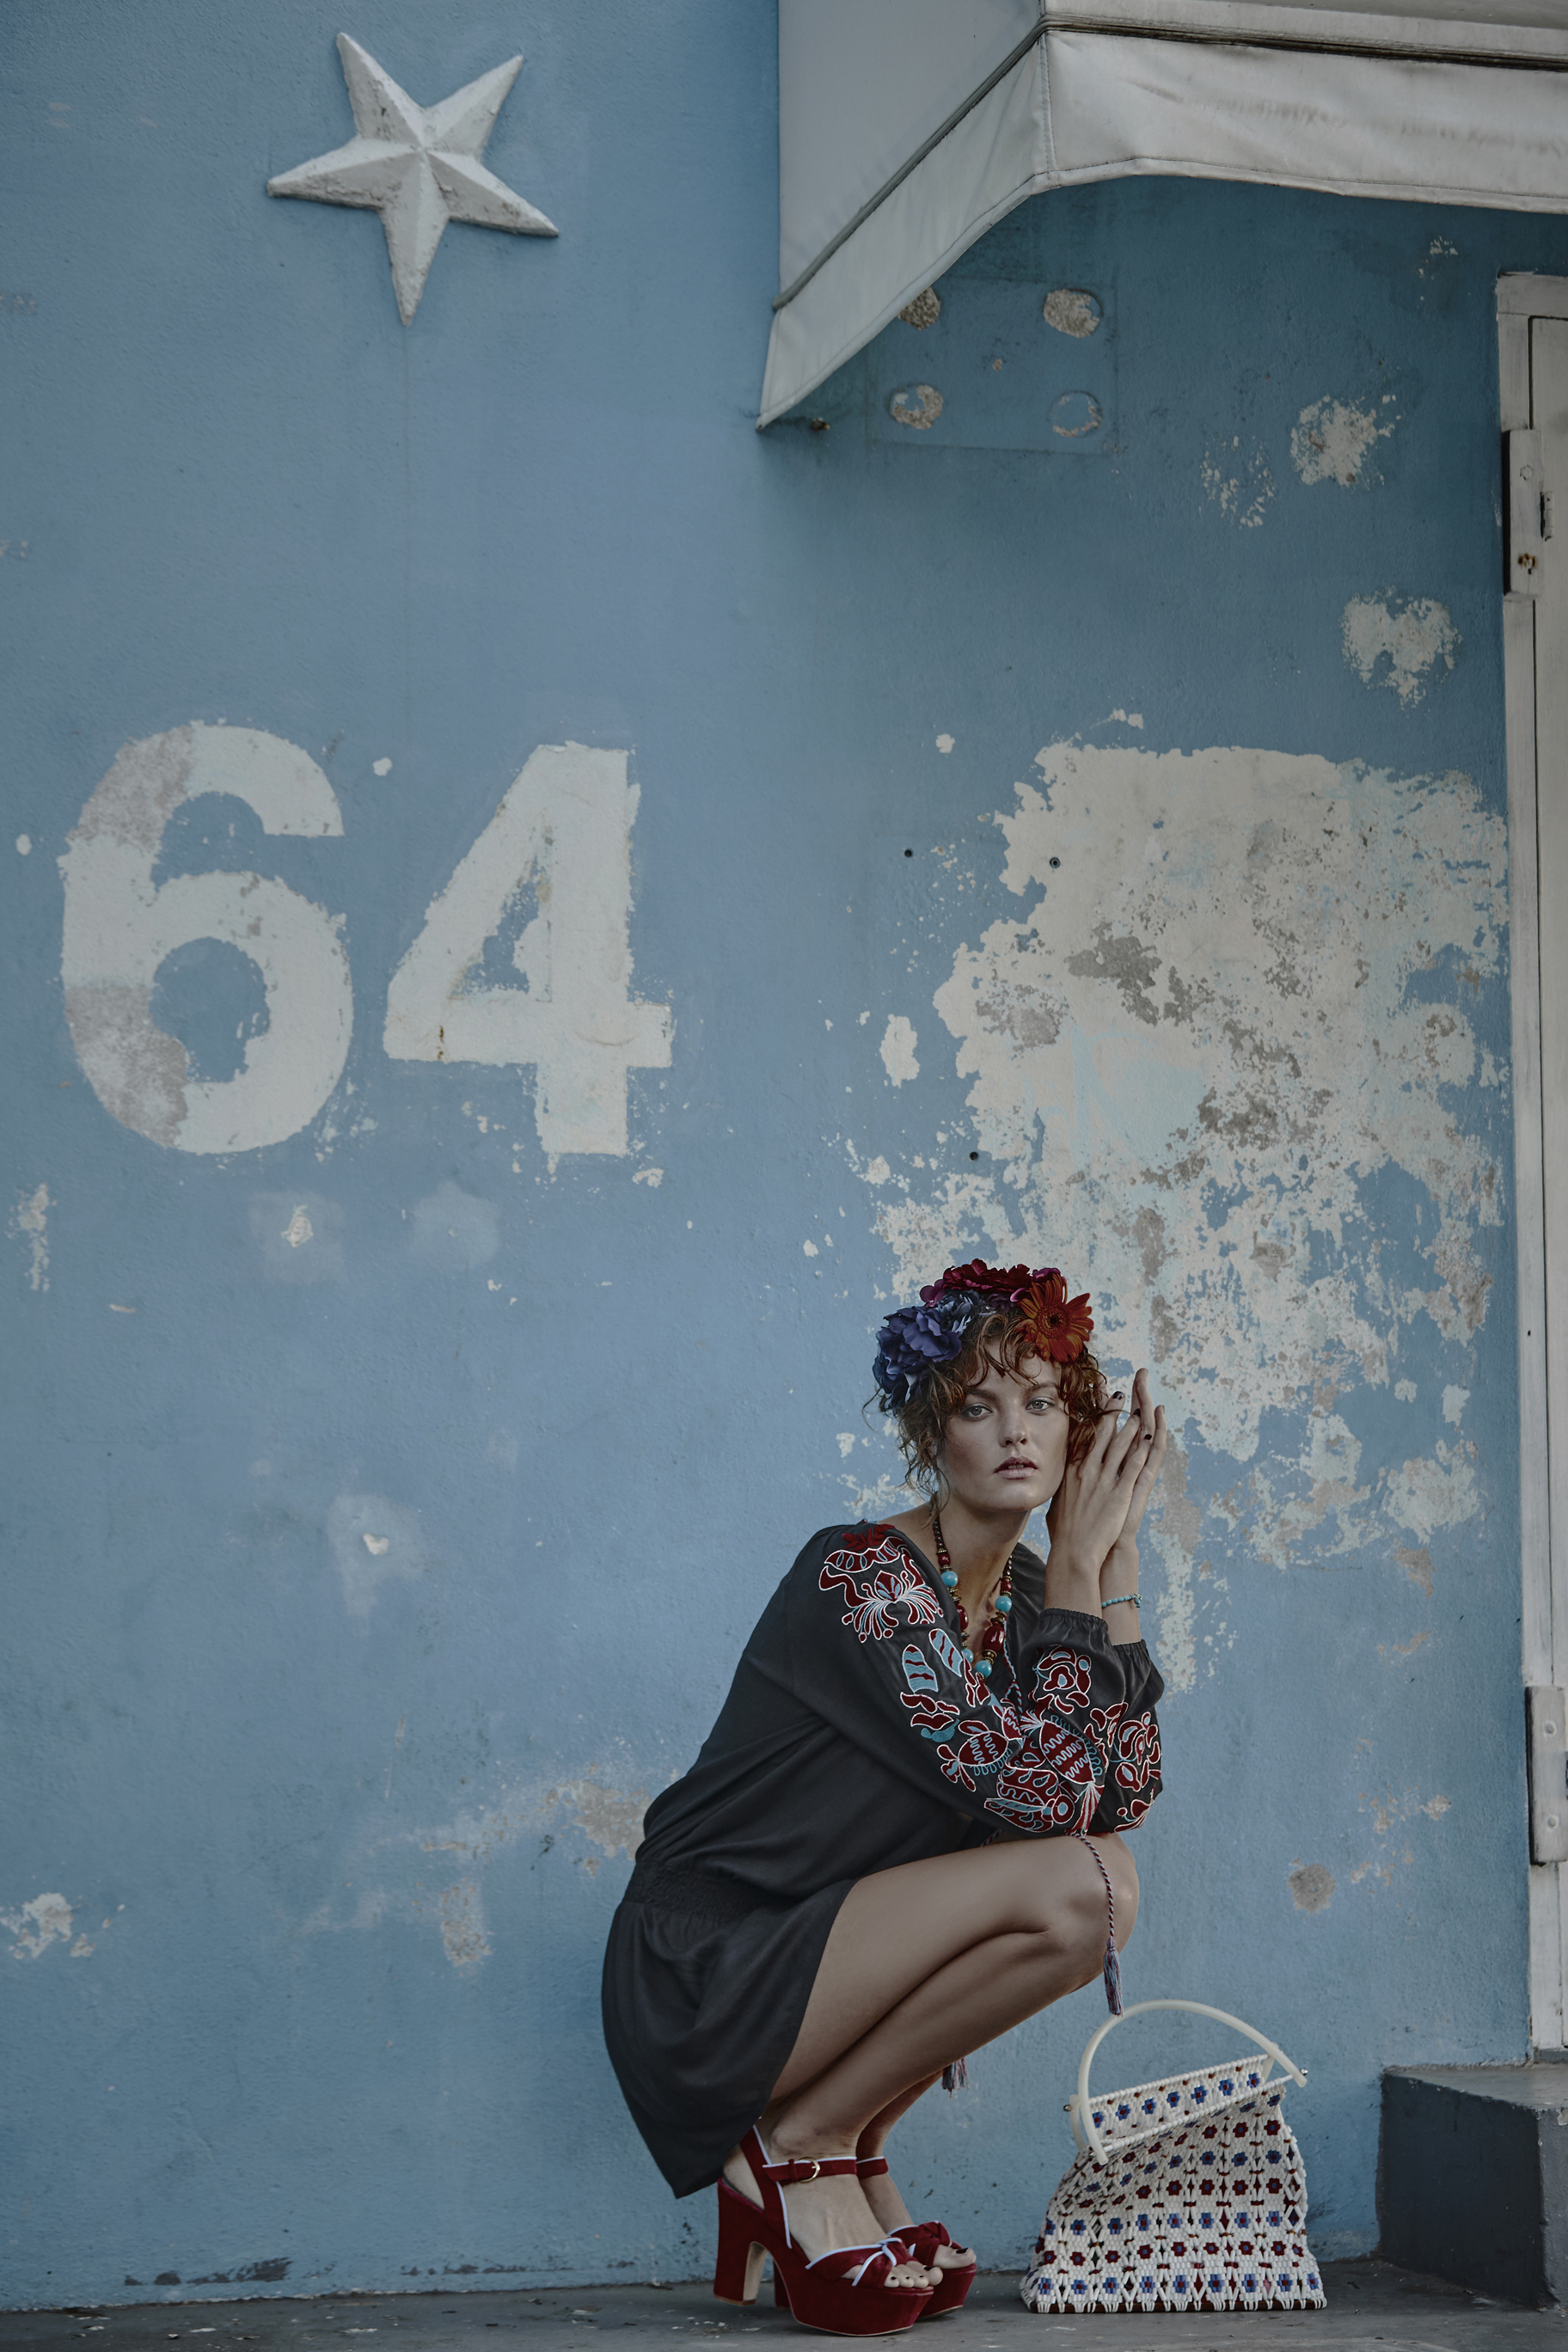 Cuba_02_Torsten_Ruppert.jpg